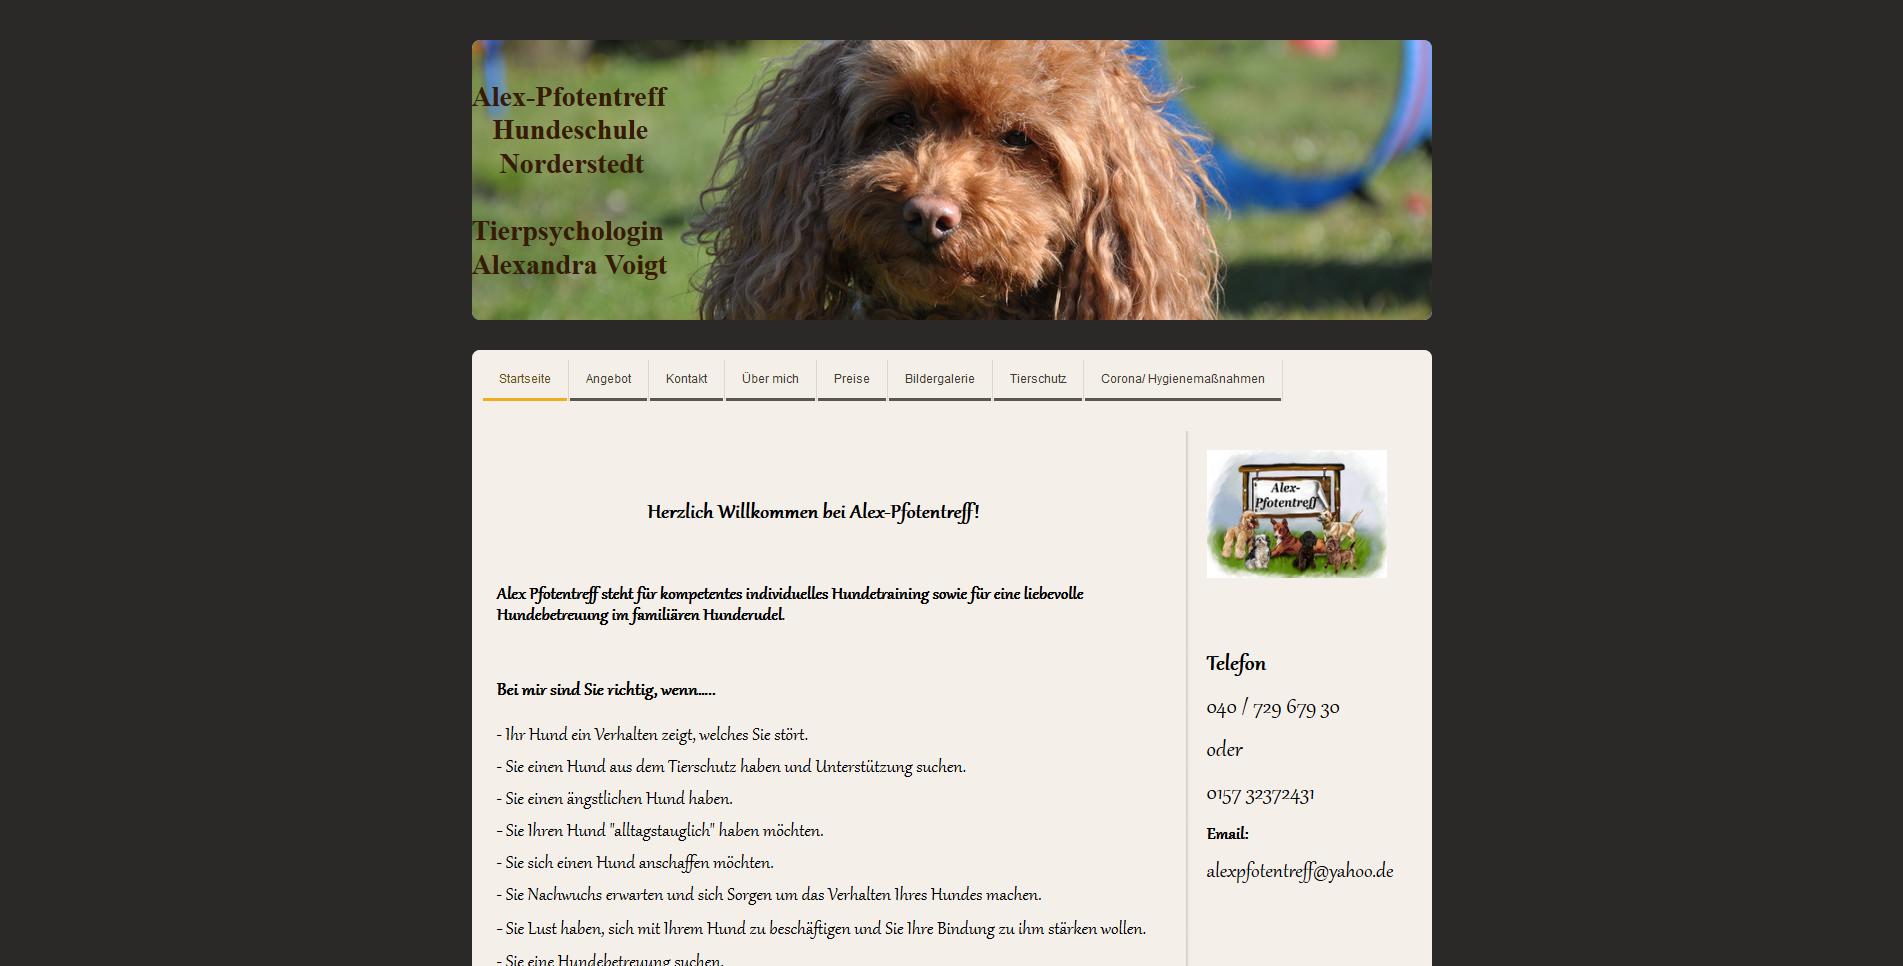 Hundeschule Alex-Pfotentreff